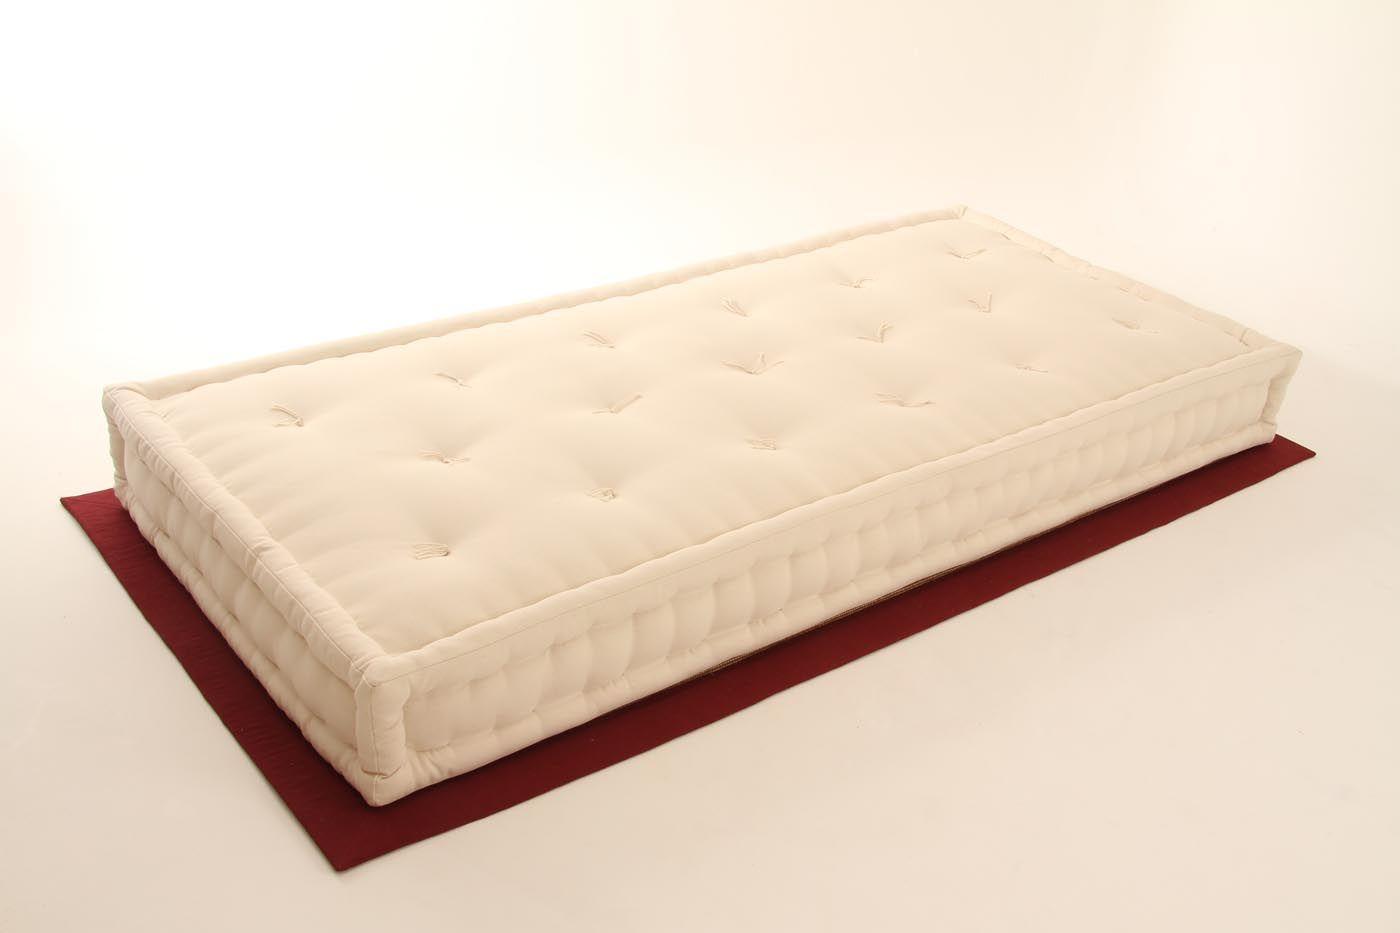 sofa e colchao osasco flexsteel sleeper with inflatable mattress colchão futon solteiro sofá cama quarto